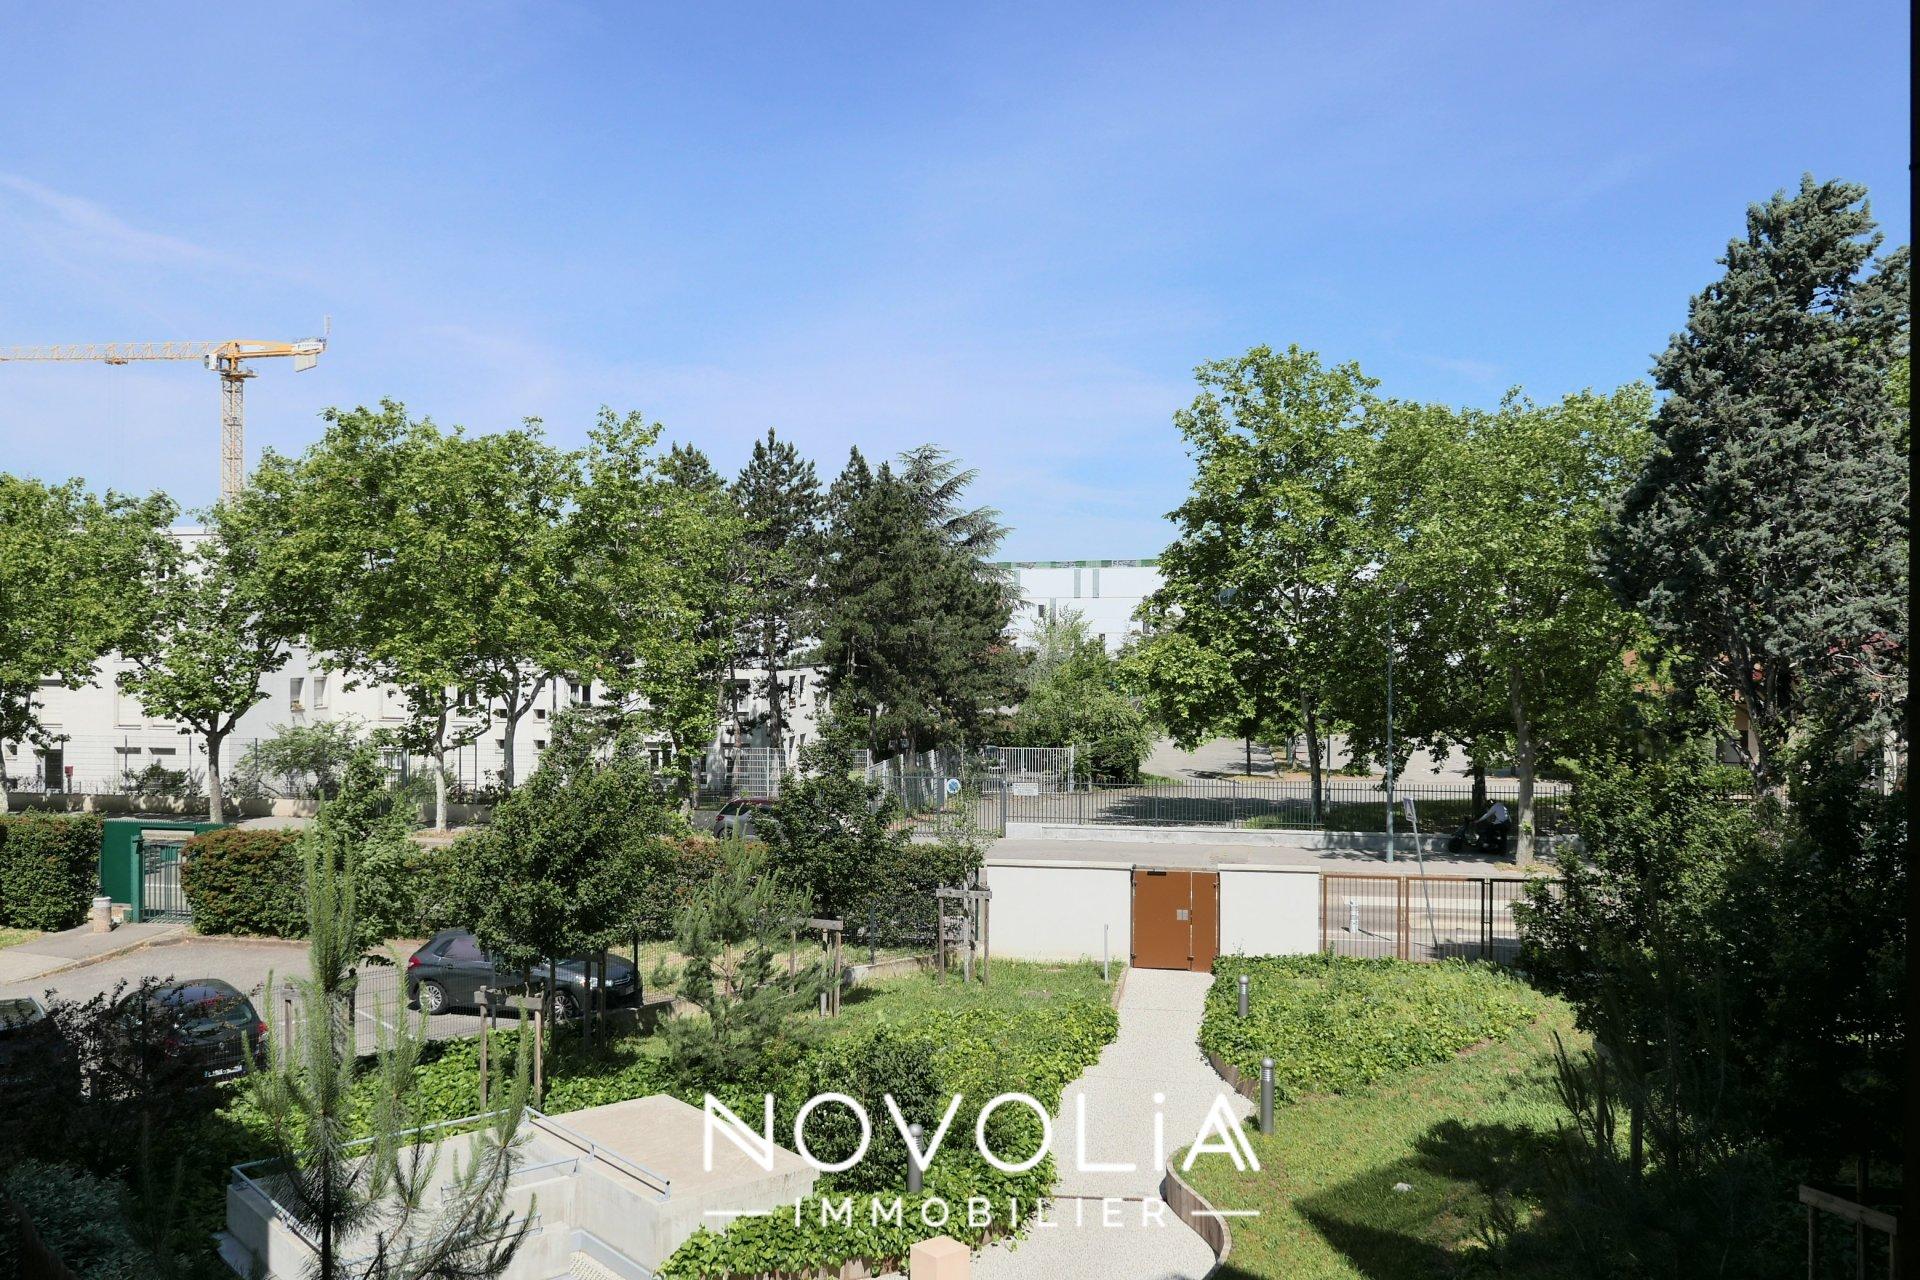 Achat Appartement, Surface de 43 m²/ Total carrez : 42.97 m², 2 pièces, Vénissieux (69200)